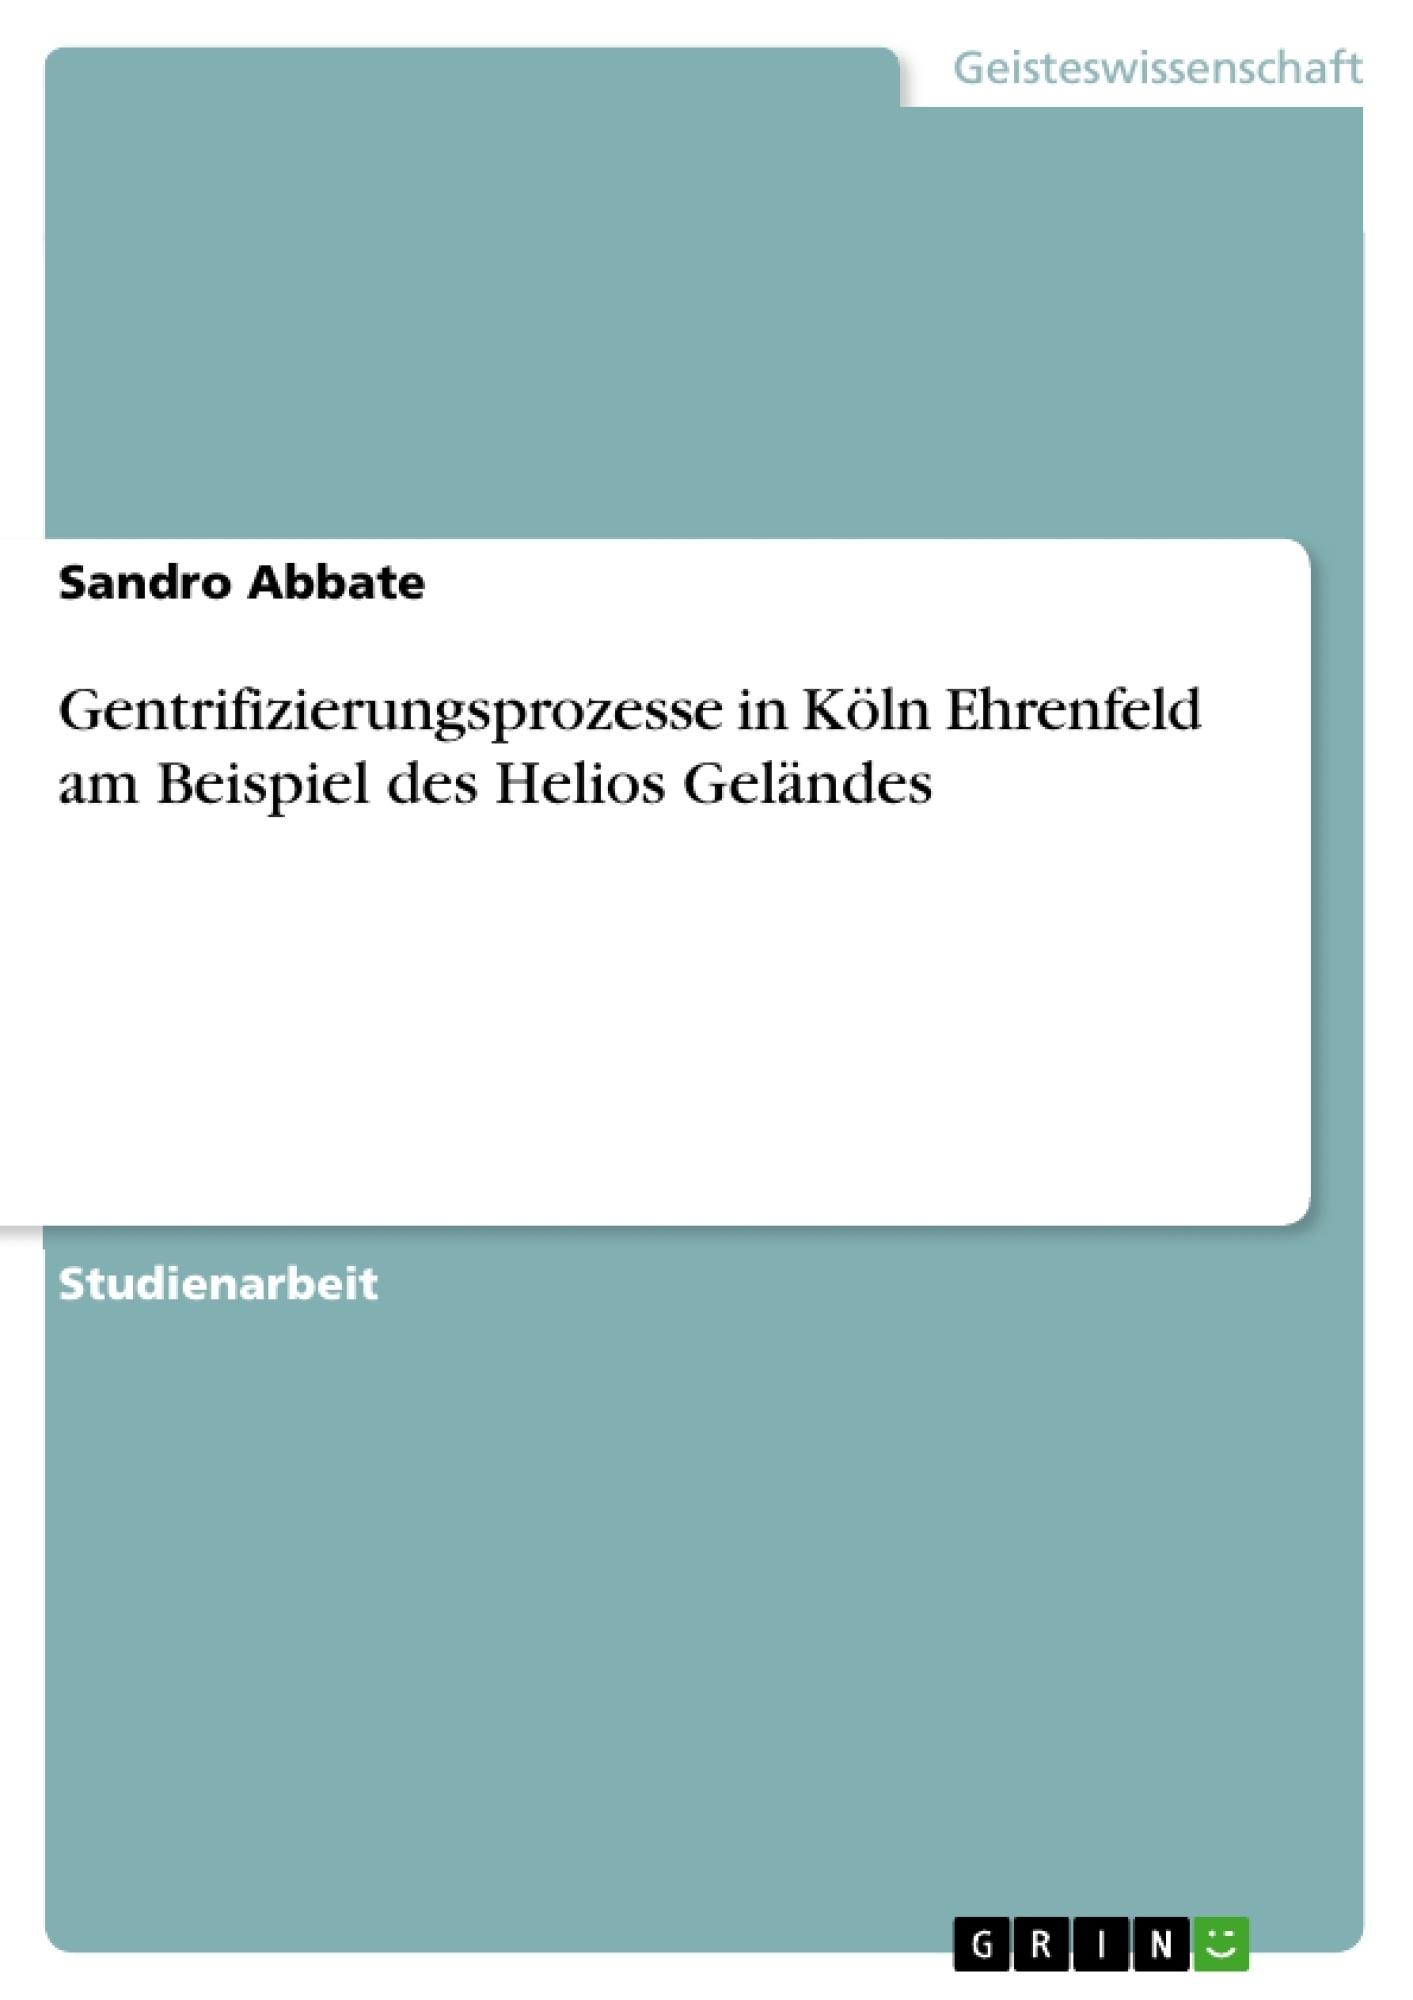 Titel: Gentrifizierungsprozesse in Köln Ehrenfeld am Beispiel des Helios Geländes